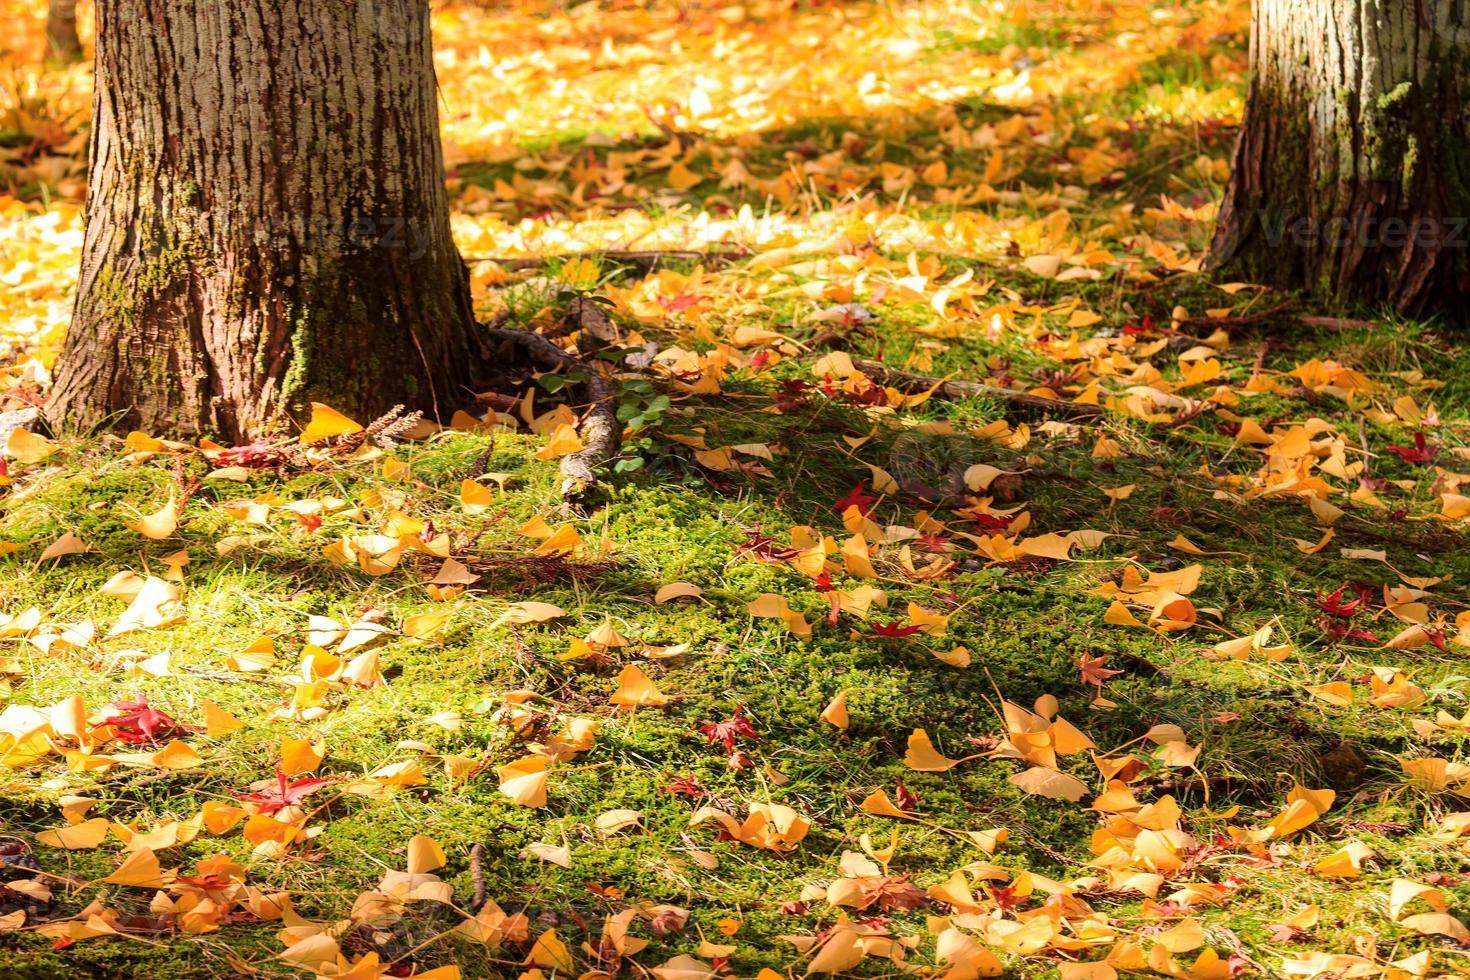 jardin japonais d'automne à l'érable photo